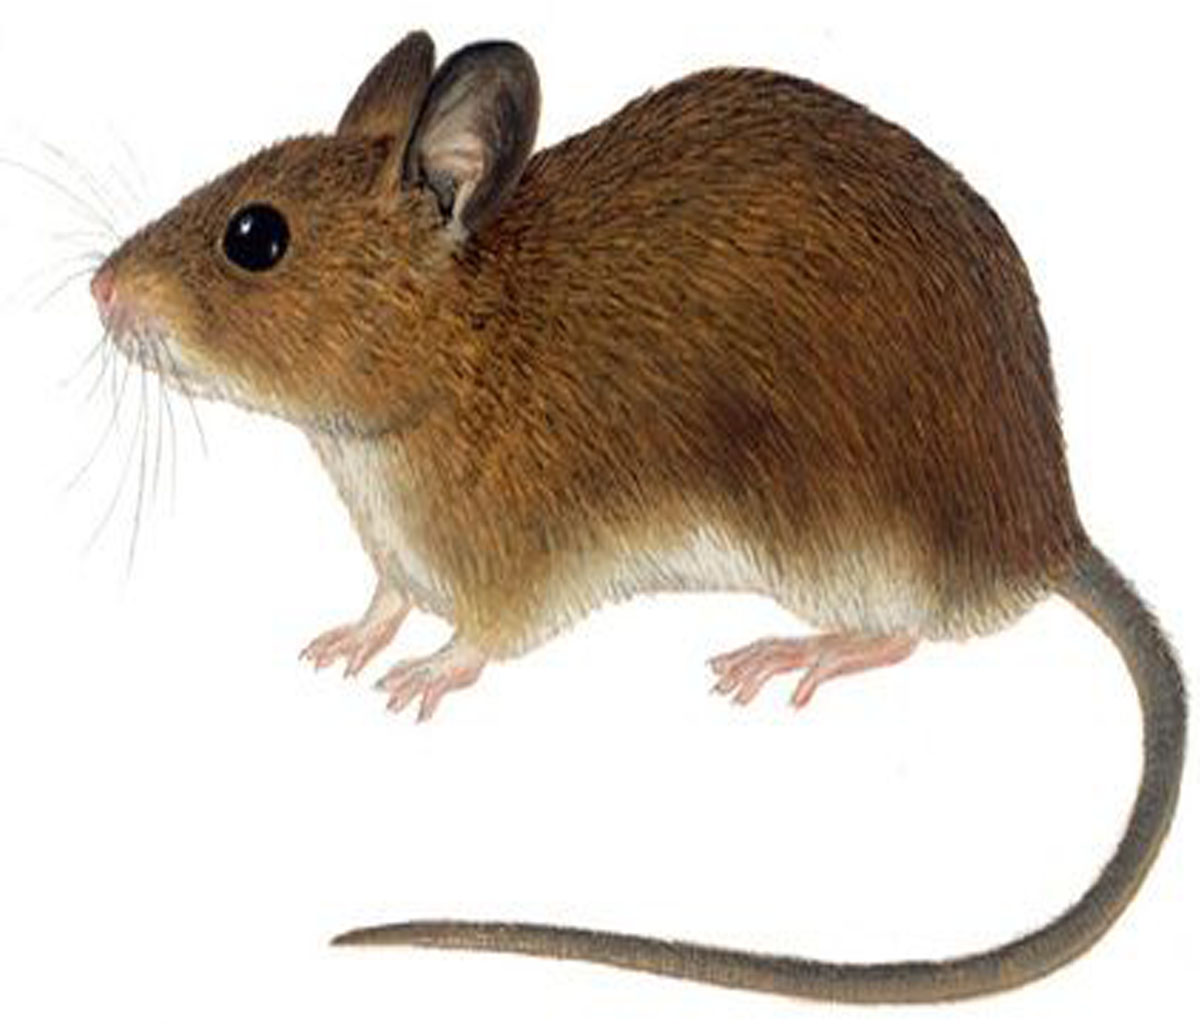 تفسير رؤيه الفار في منام المرأة المتزوجه تفسير حلم الفأر